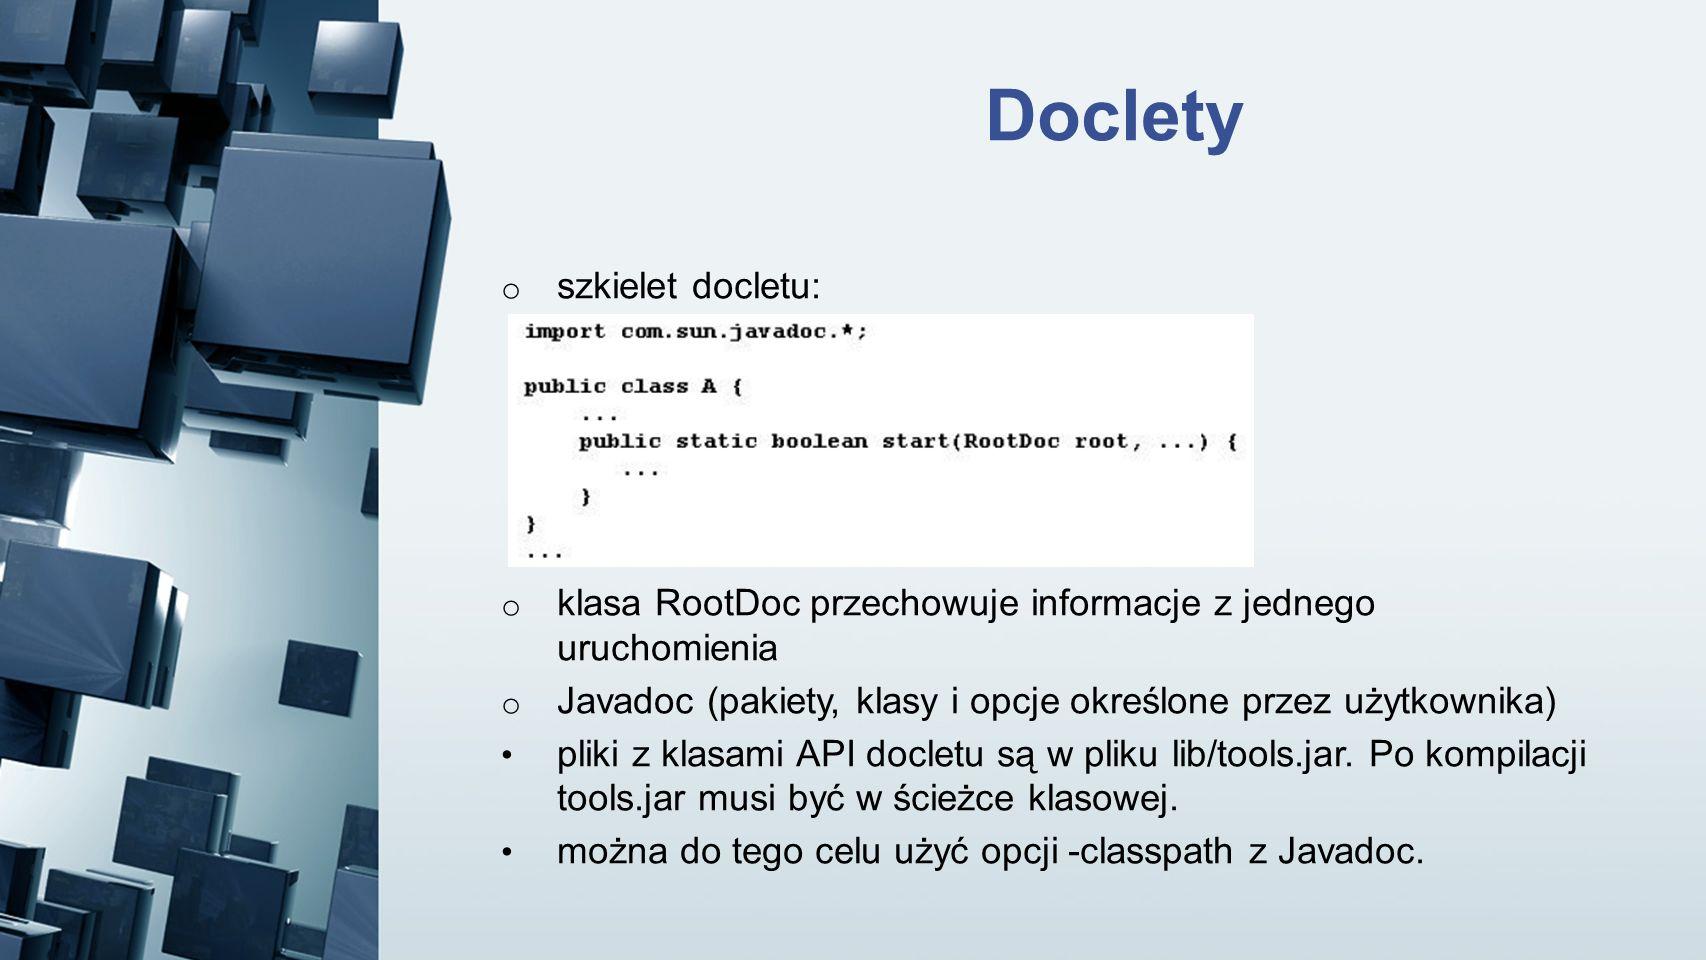 Doclety o szkielet docletu: o klasa RootDoc przechowuje informacje z jednego uruchomienia o Javadoc (pakiety, klasy i opcje określone przez użytkownik